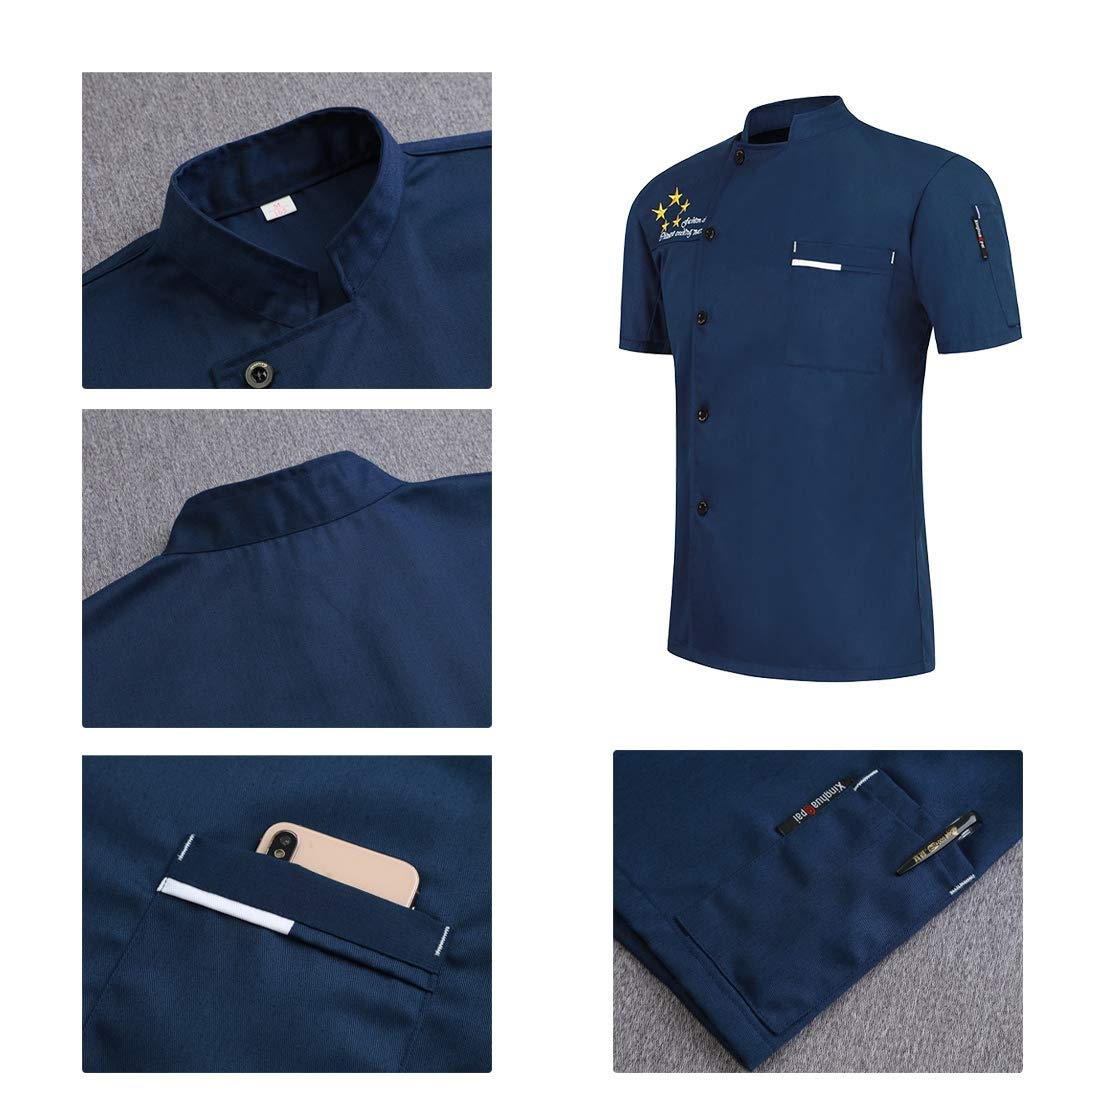 Camisa de Chef Cocina Manga Corta para Verano Uniforme de Trabajo Cocinero Camarero para Hombres y Mujeres Transpirable y Resistente al Desgaste